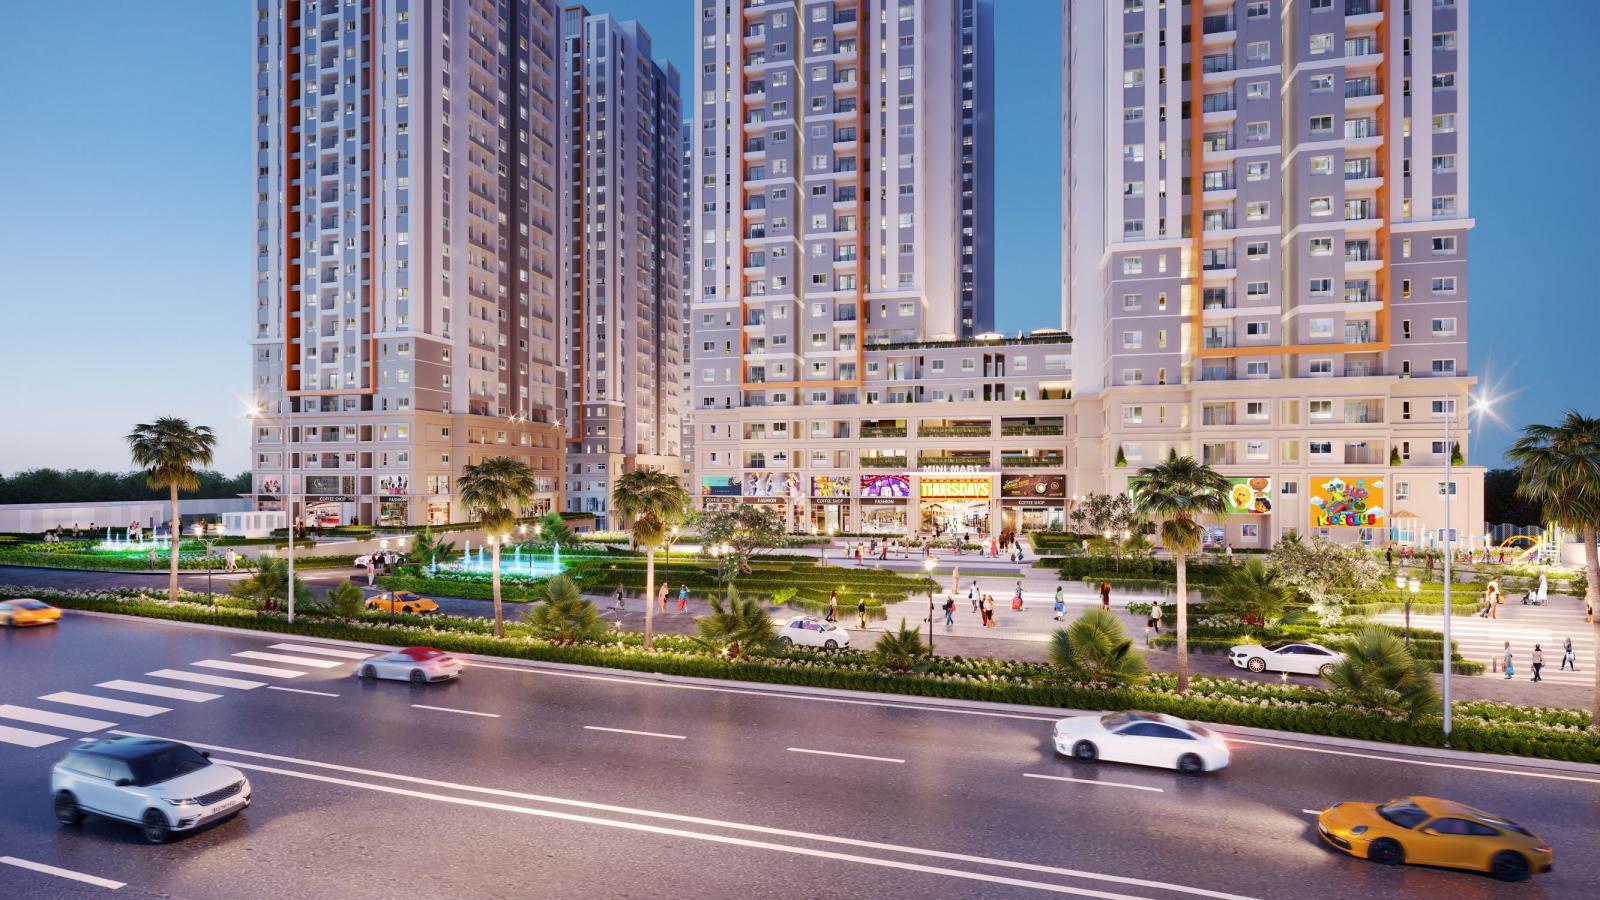 Dự án khu căn hộ Bien Hoa Universe Complex vừa được giới thiệu tại TP.Biên Hòa do Hưng Thịnh Land phát triển